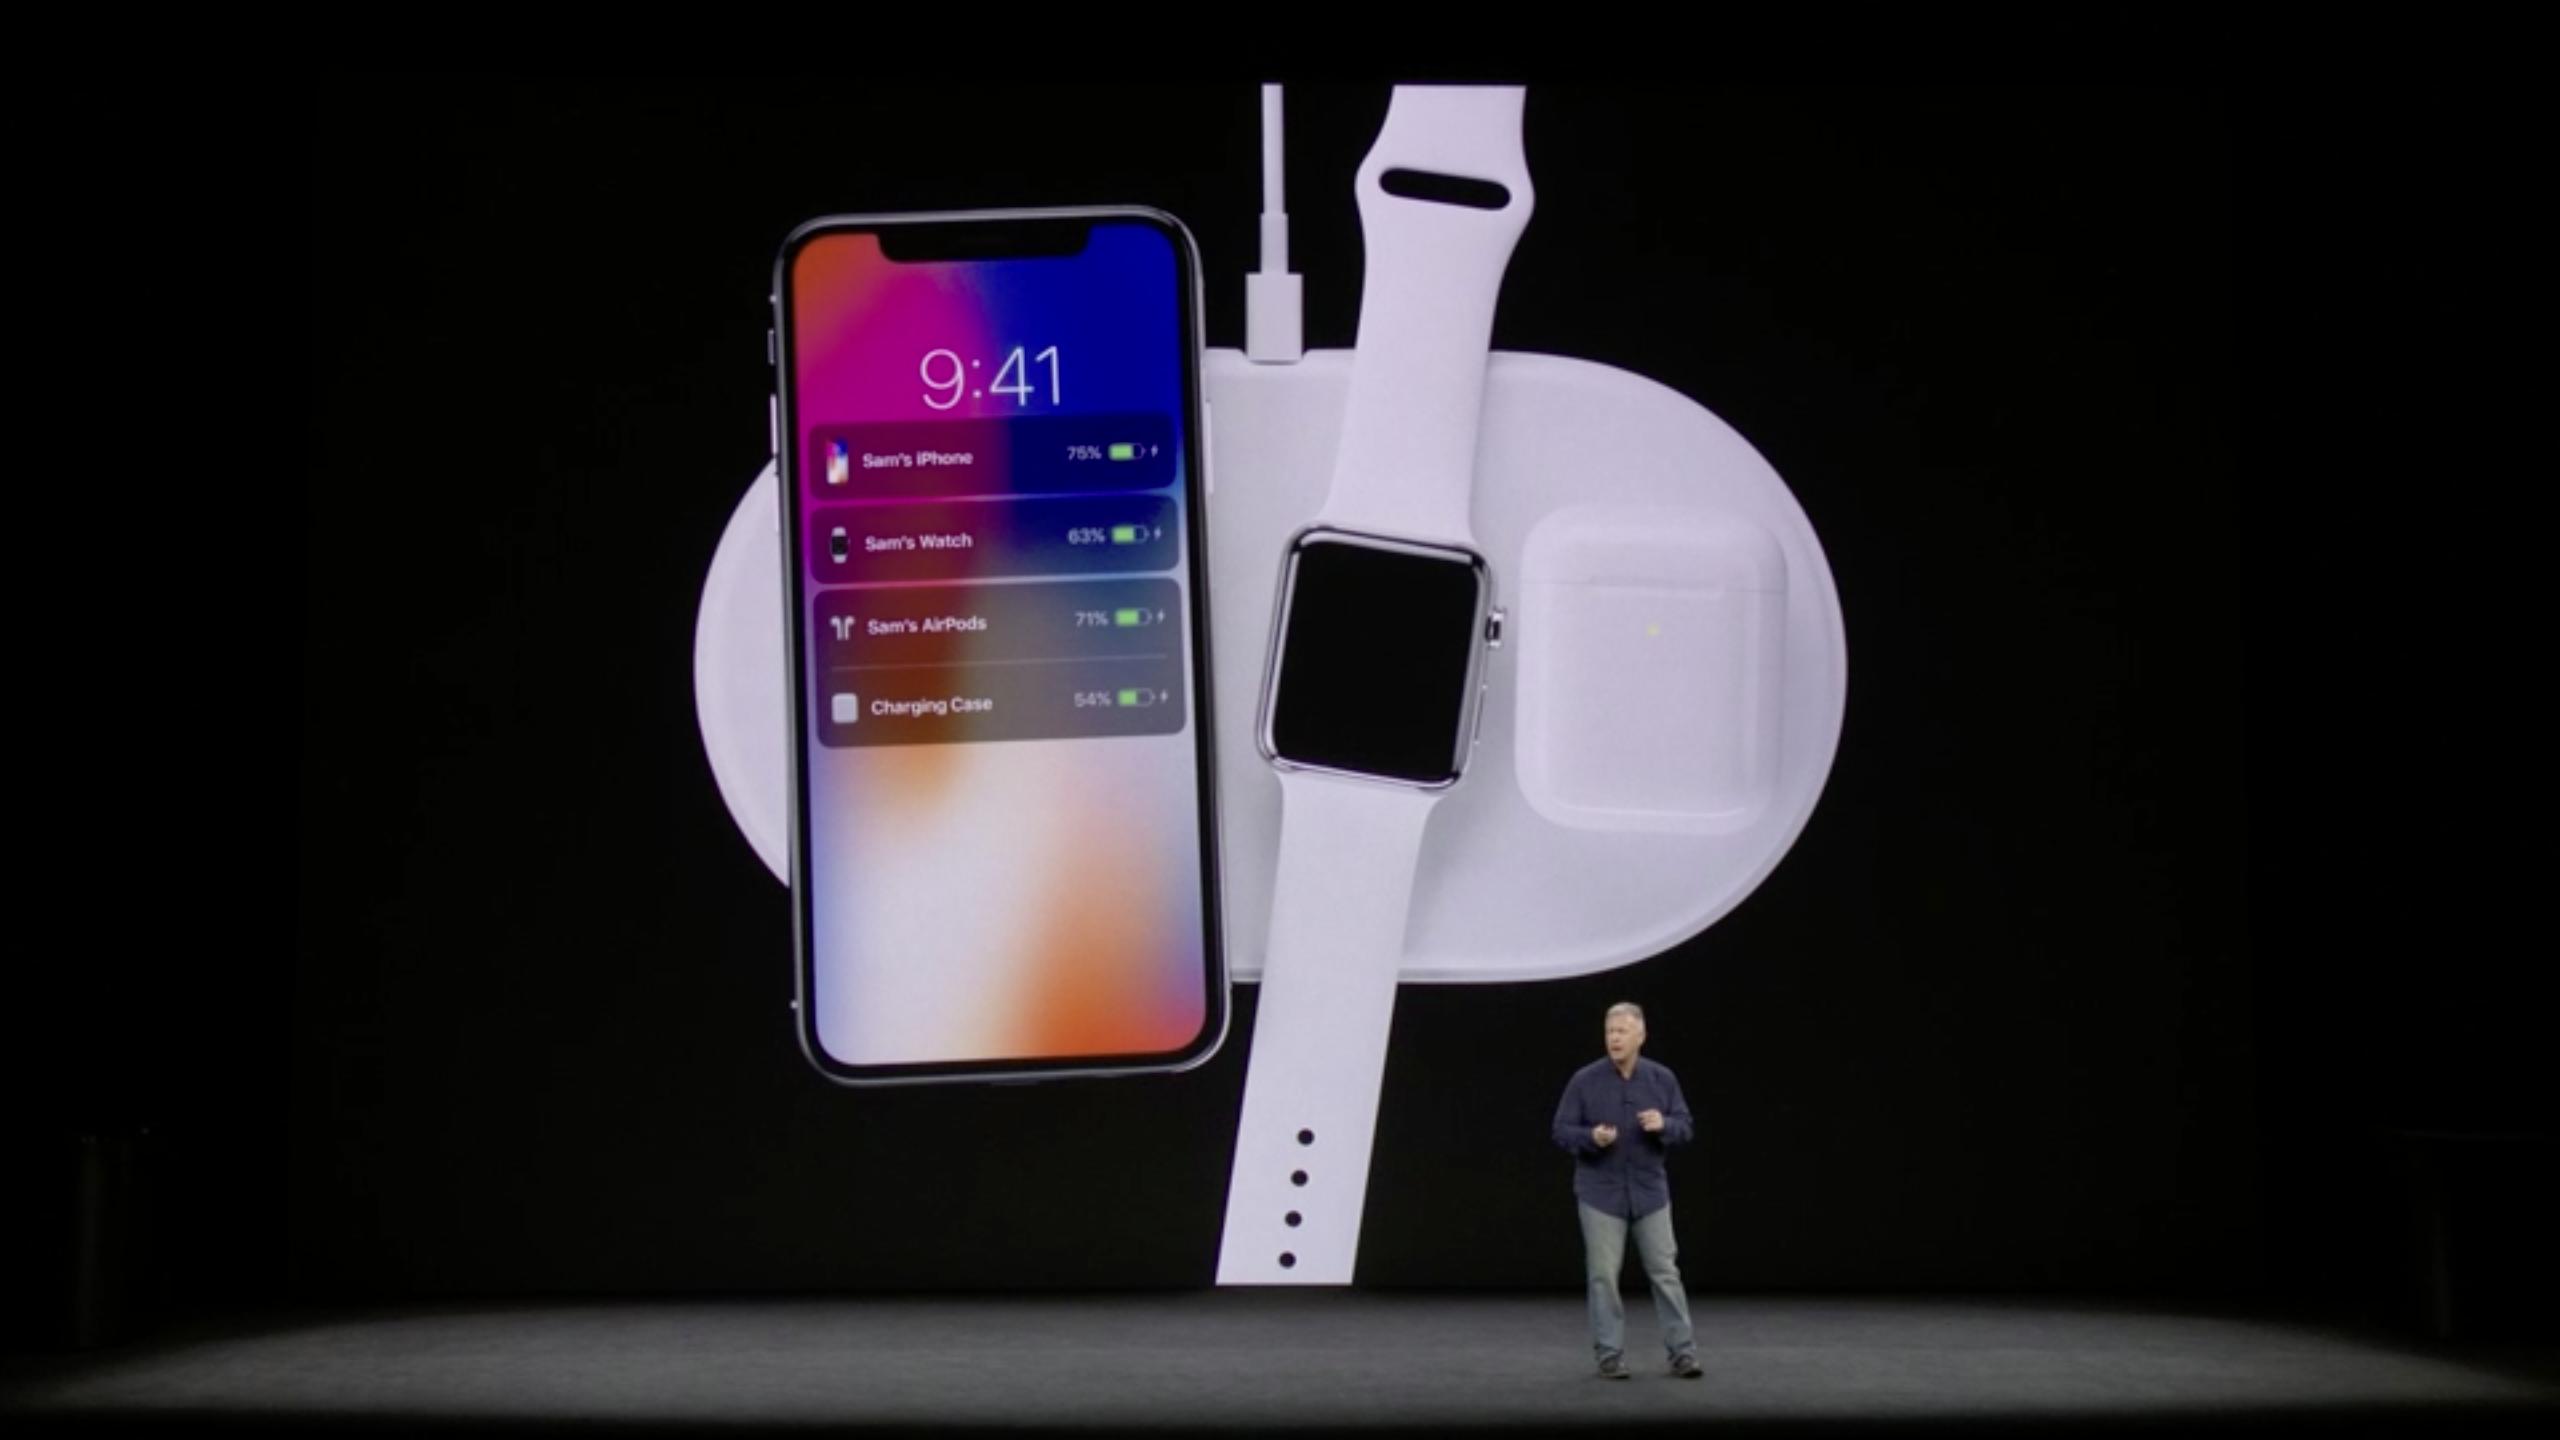 Las razones por las que Apple aún no ha comenzado a vender AirPower